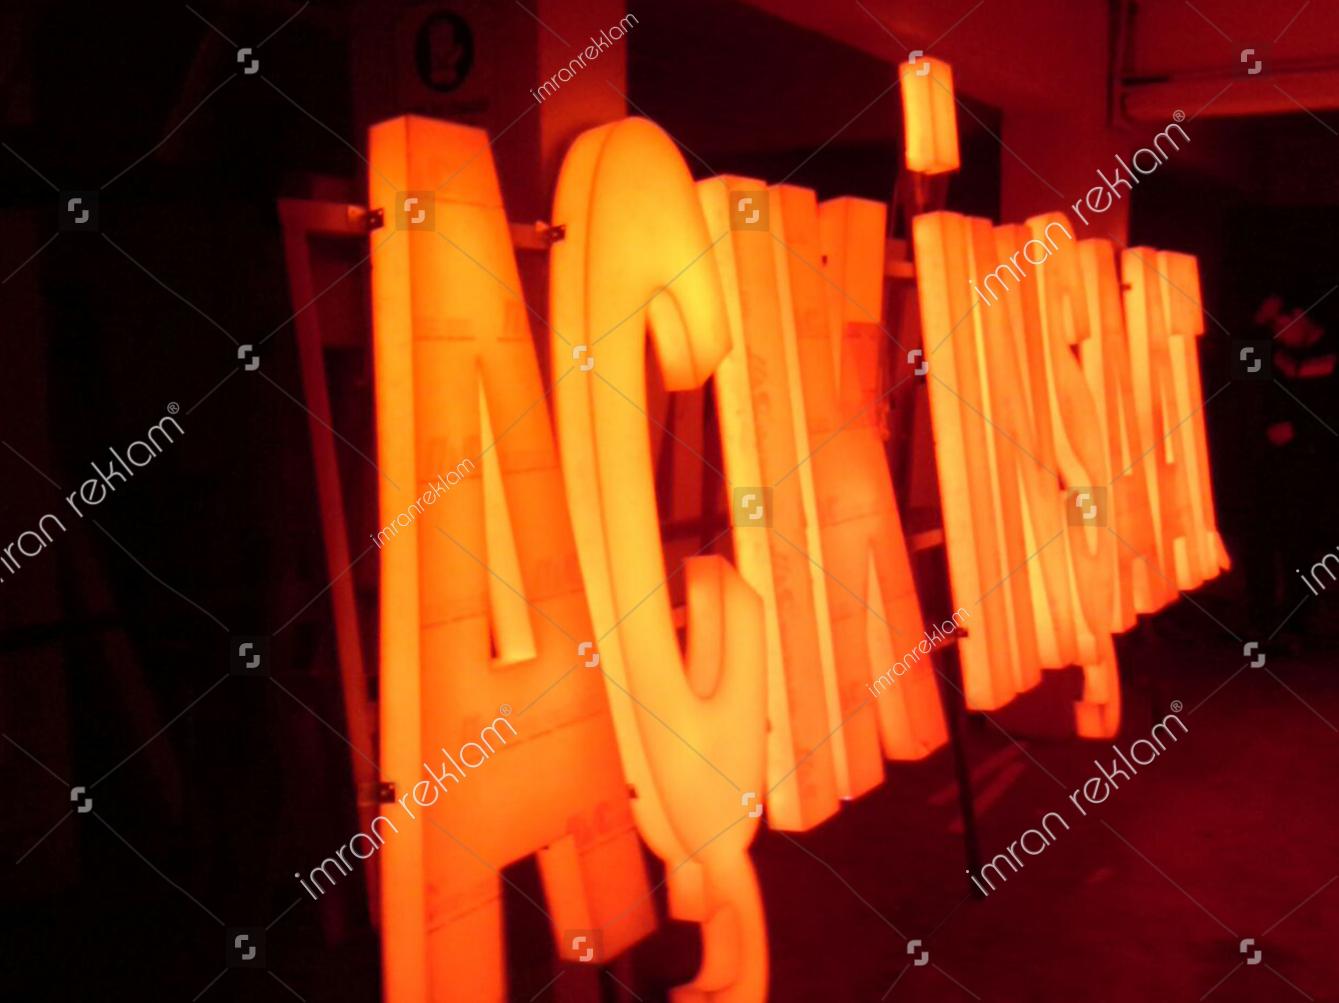 ışıklı kutu harfli inşaat tabelasi örnekleri